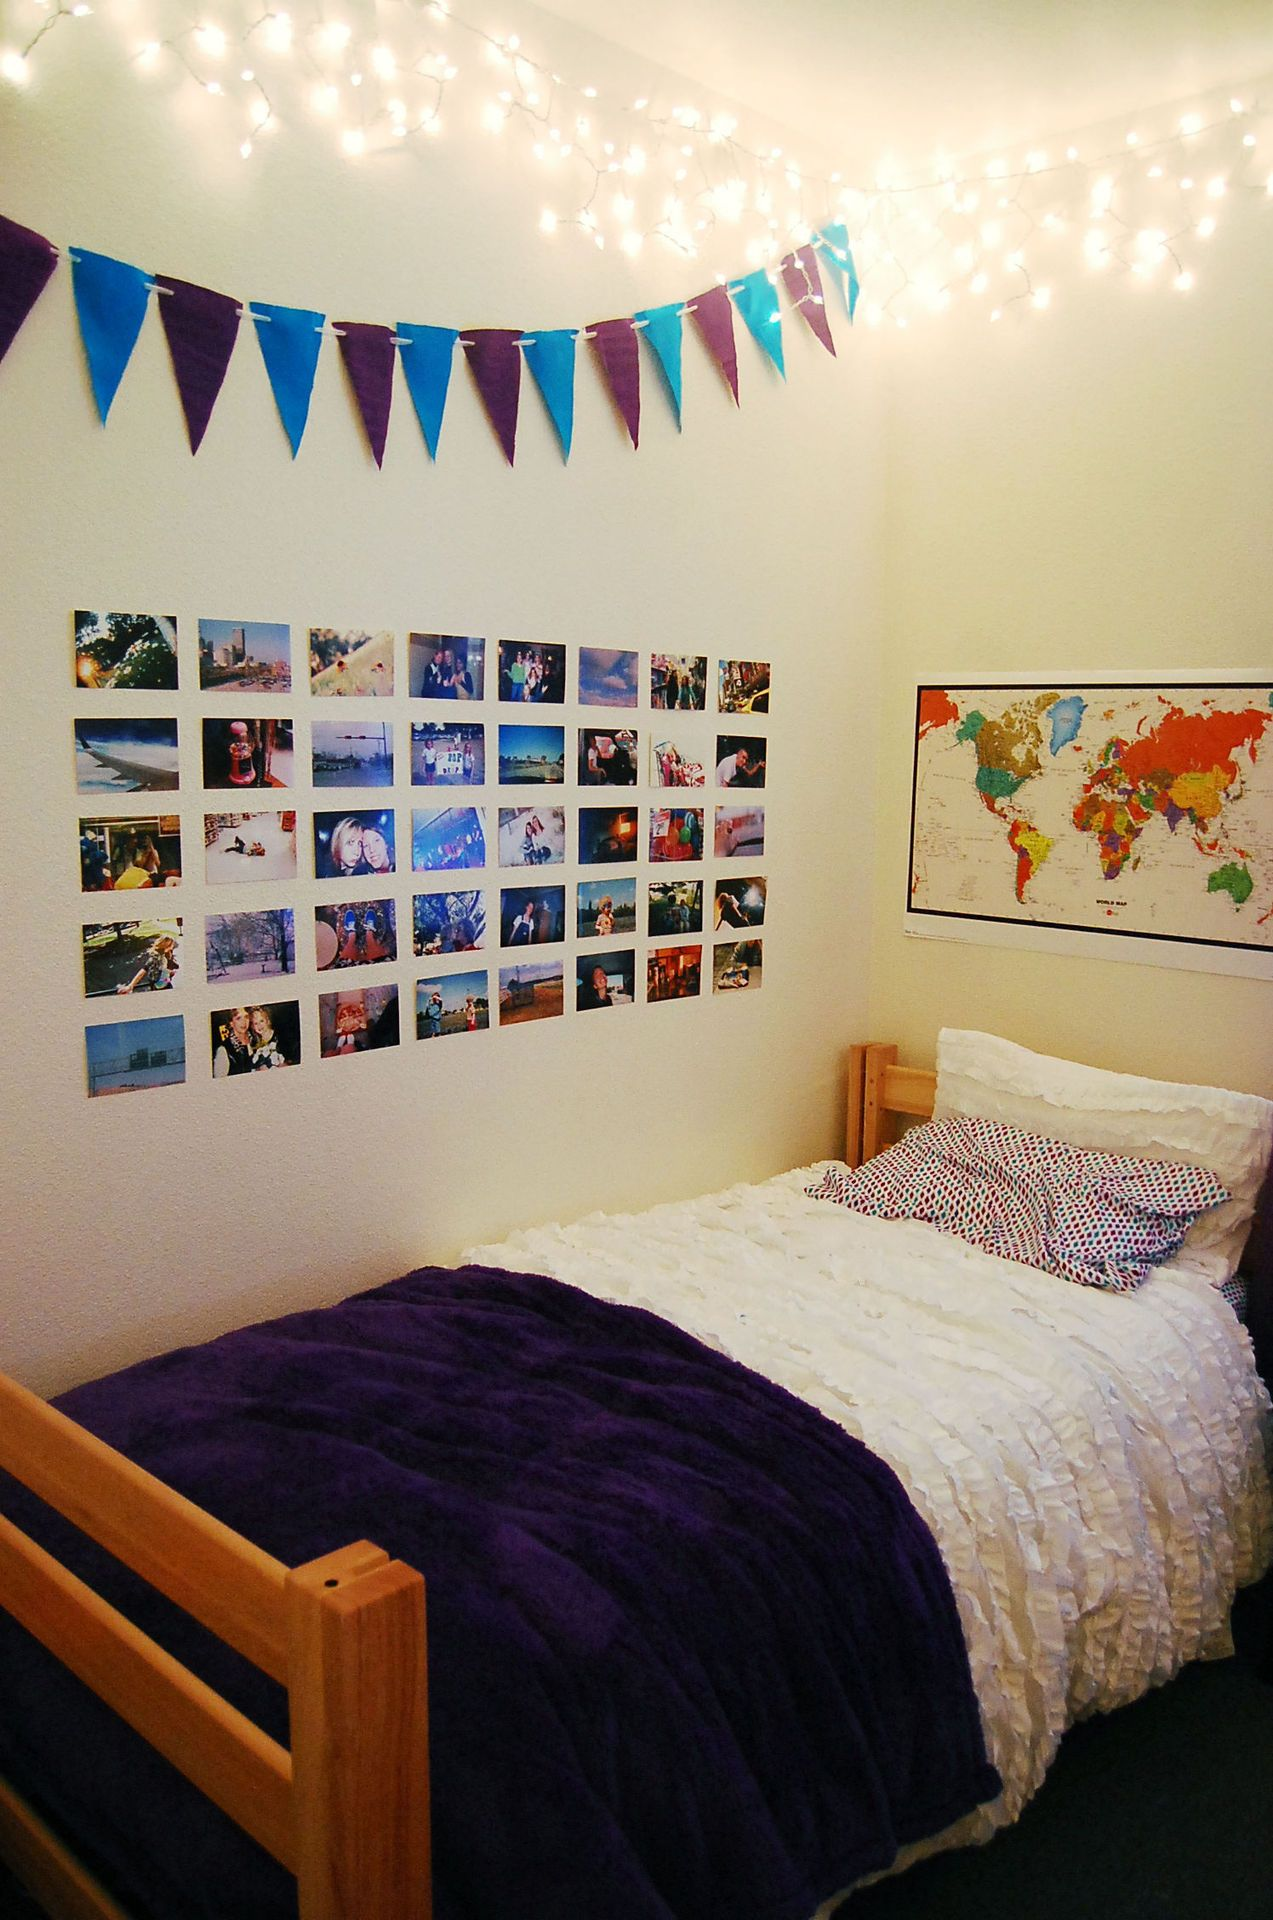 dorm room | tumblr | college ideas | pinterest | dorm rooms, dorm